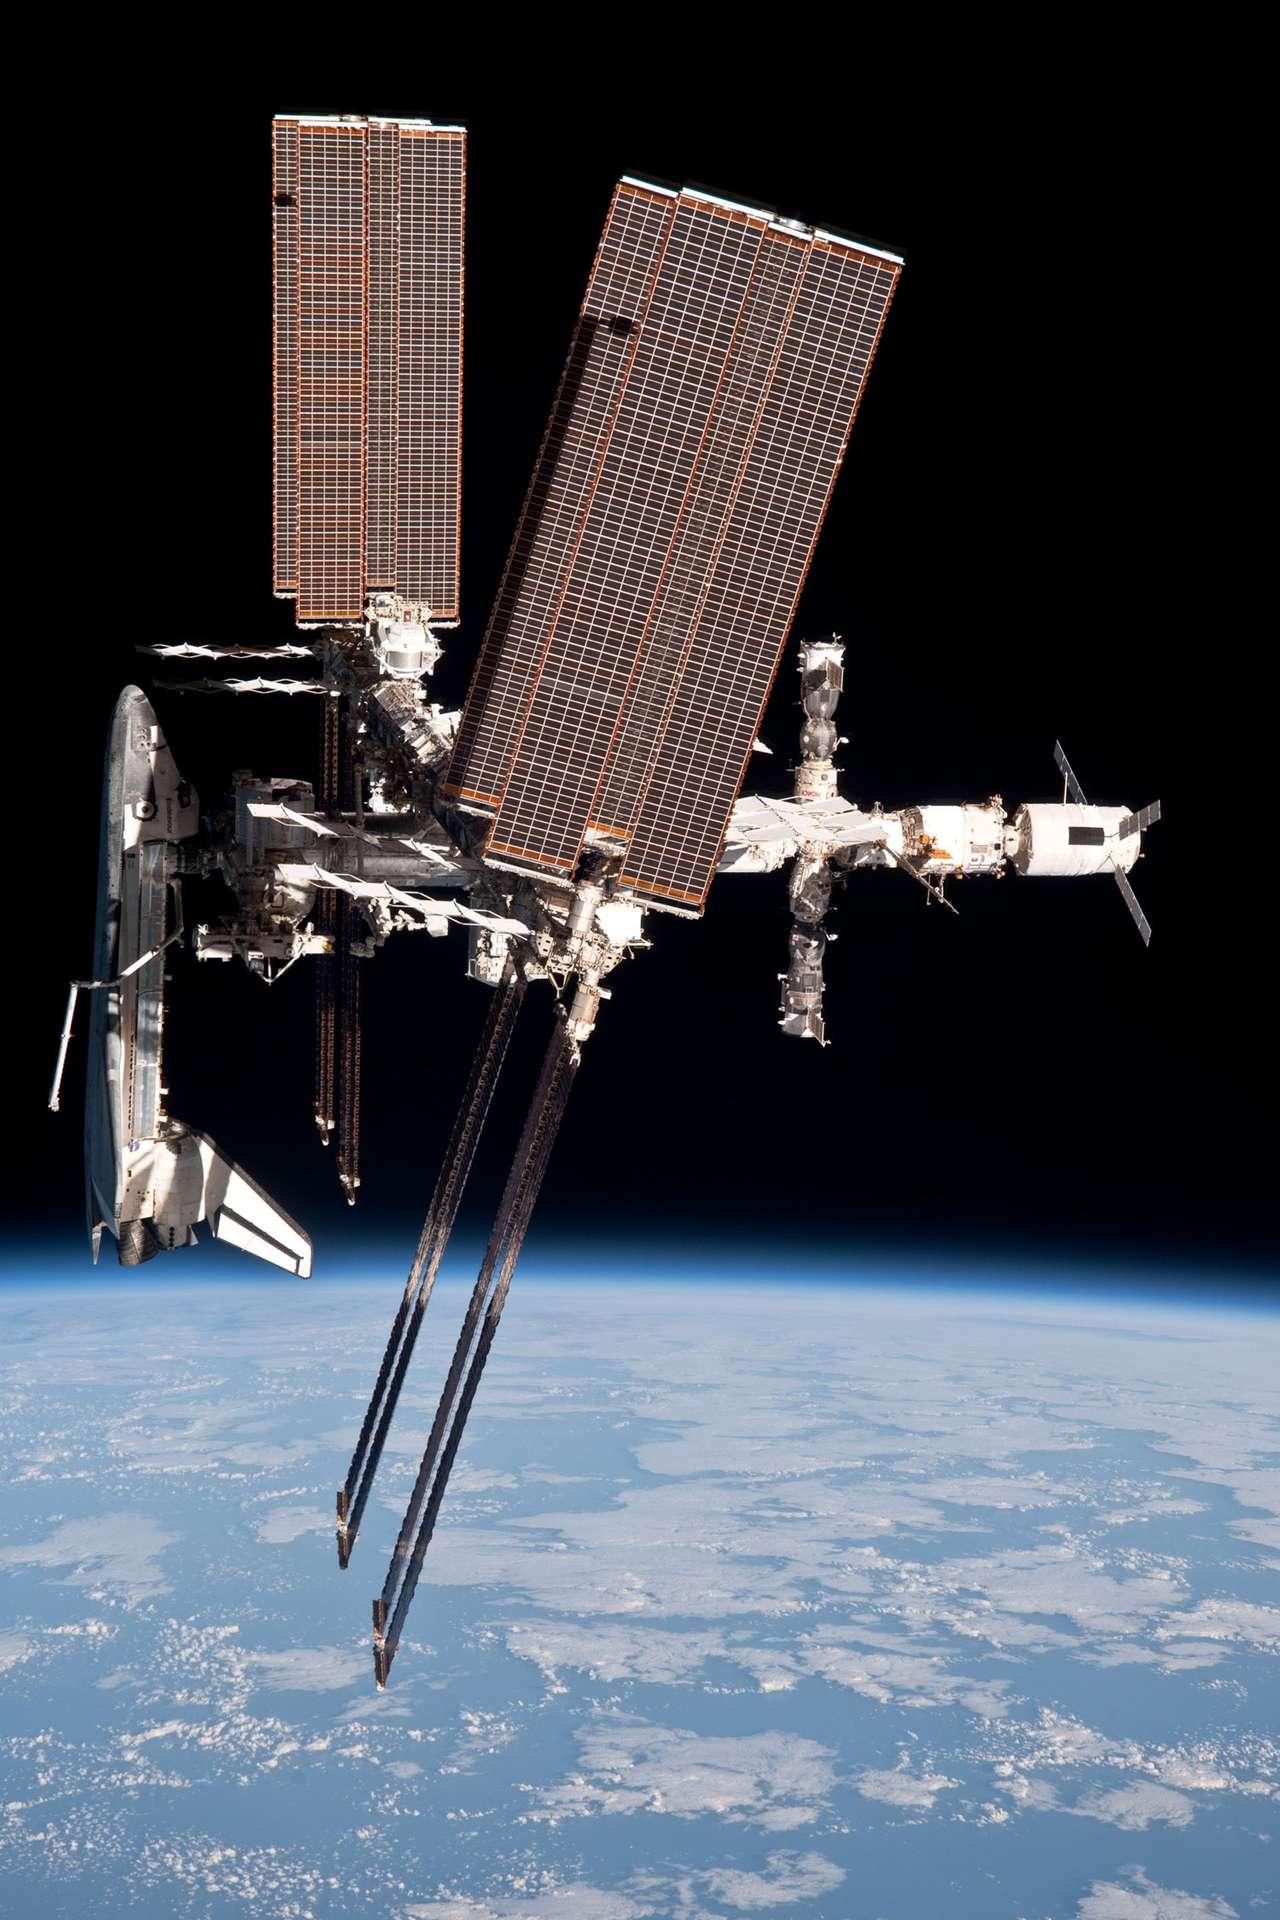 Malgré la rupture d'un câble électrique alimentant le centre russe de contrôle des vols spatiaux, les communications avec le segment russe de l'ISS n'ont pas été interrompues. Seuls certains satellites civils sont affectés par ce problème. La remise sous tension du câble devrait se faire rapidement. © Nasa